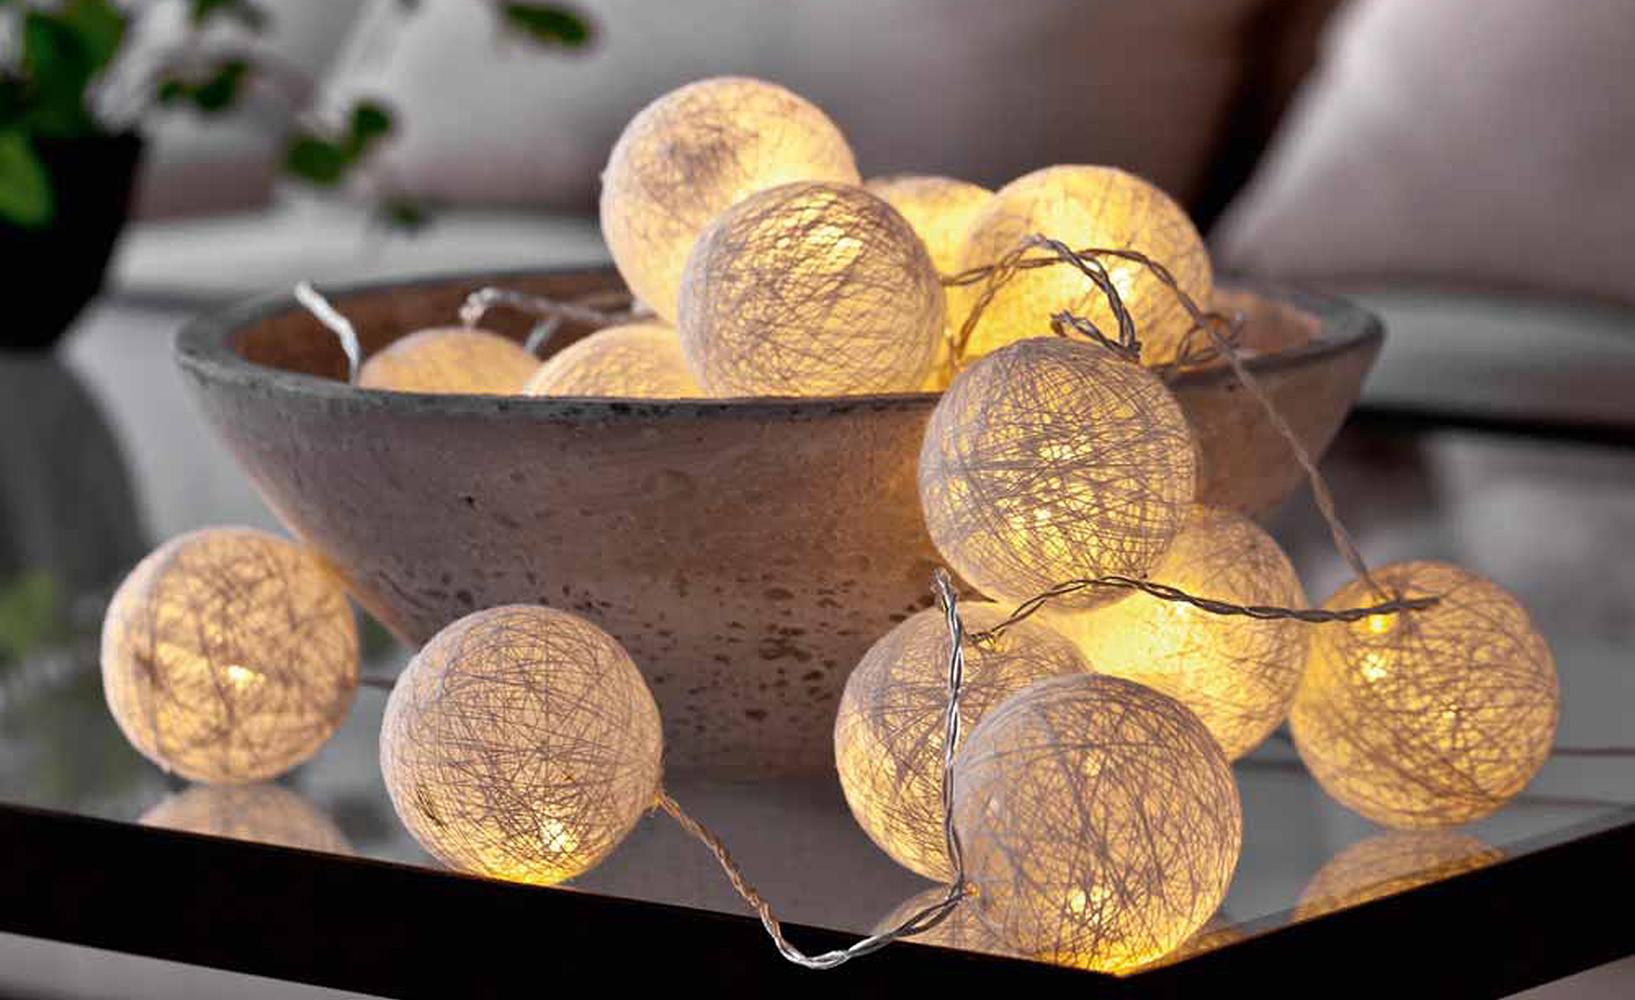 Wohnzimmer Gestalten Beleuchtung Die Ideale Im